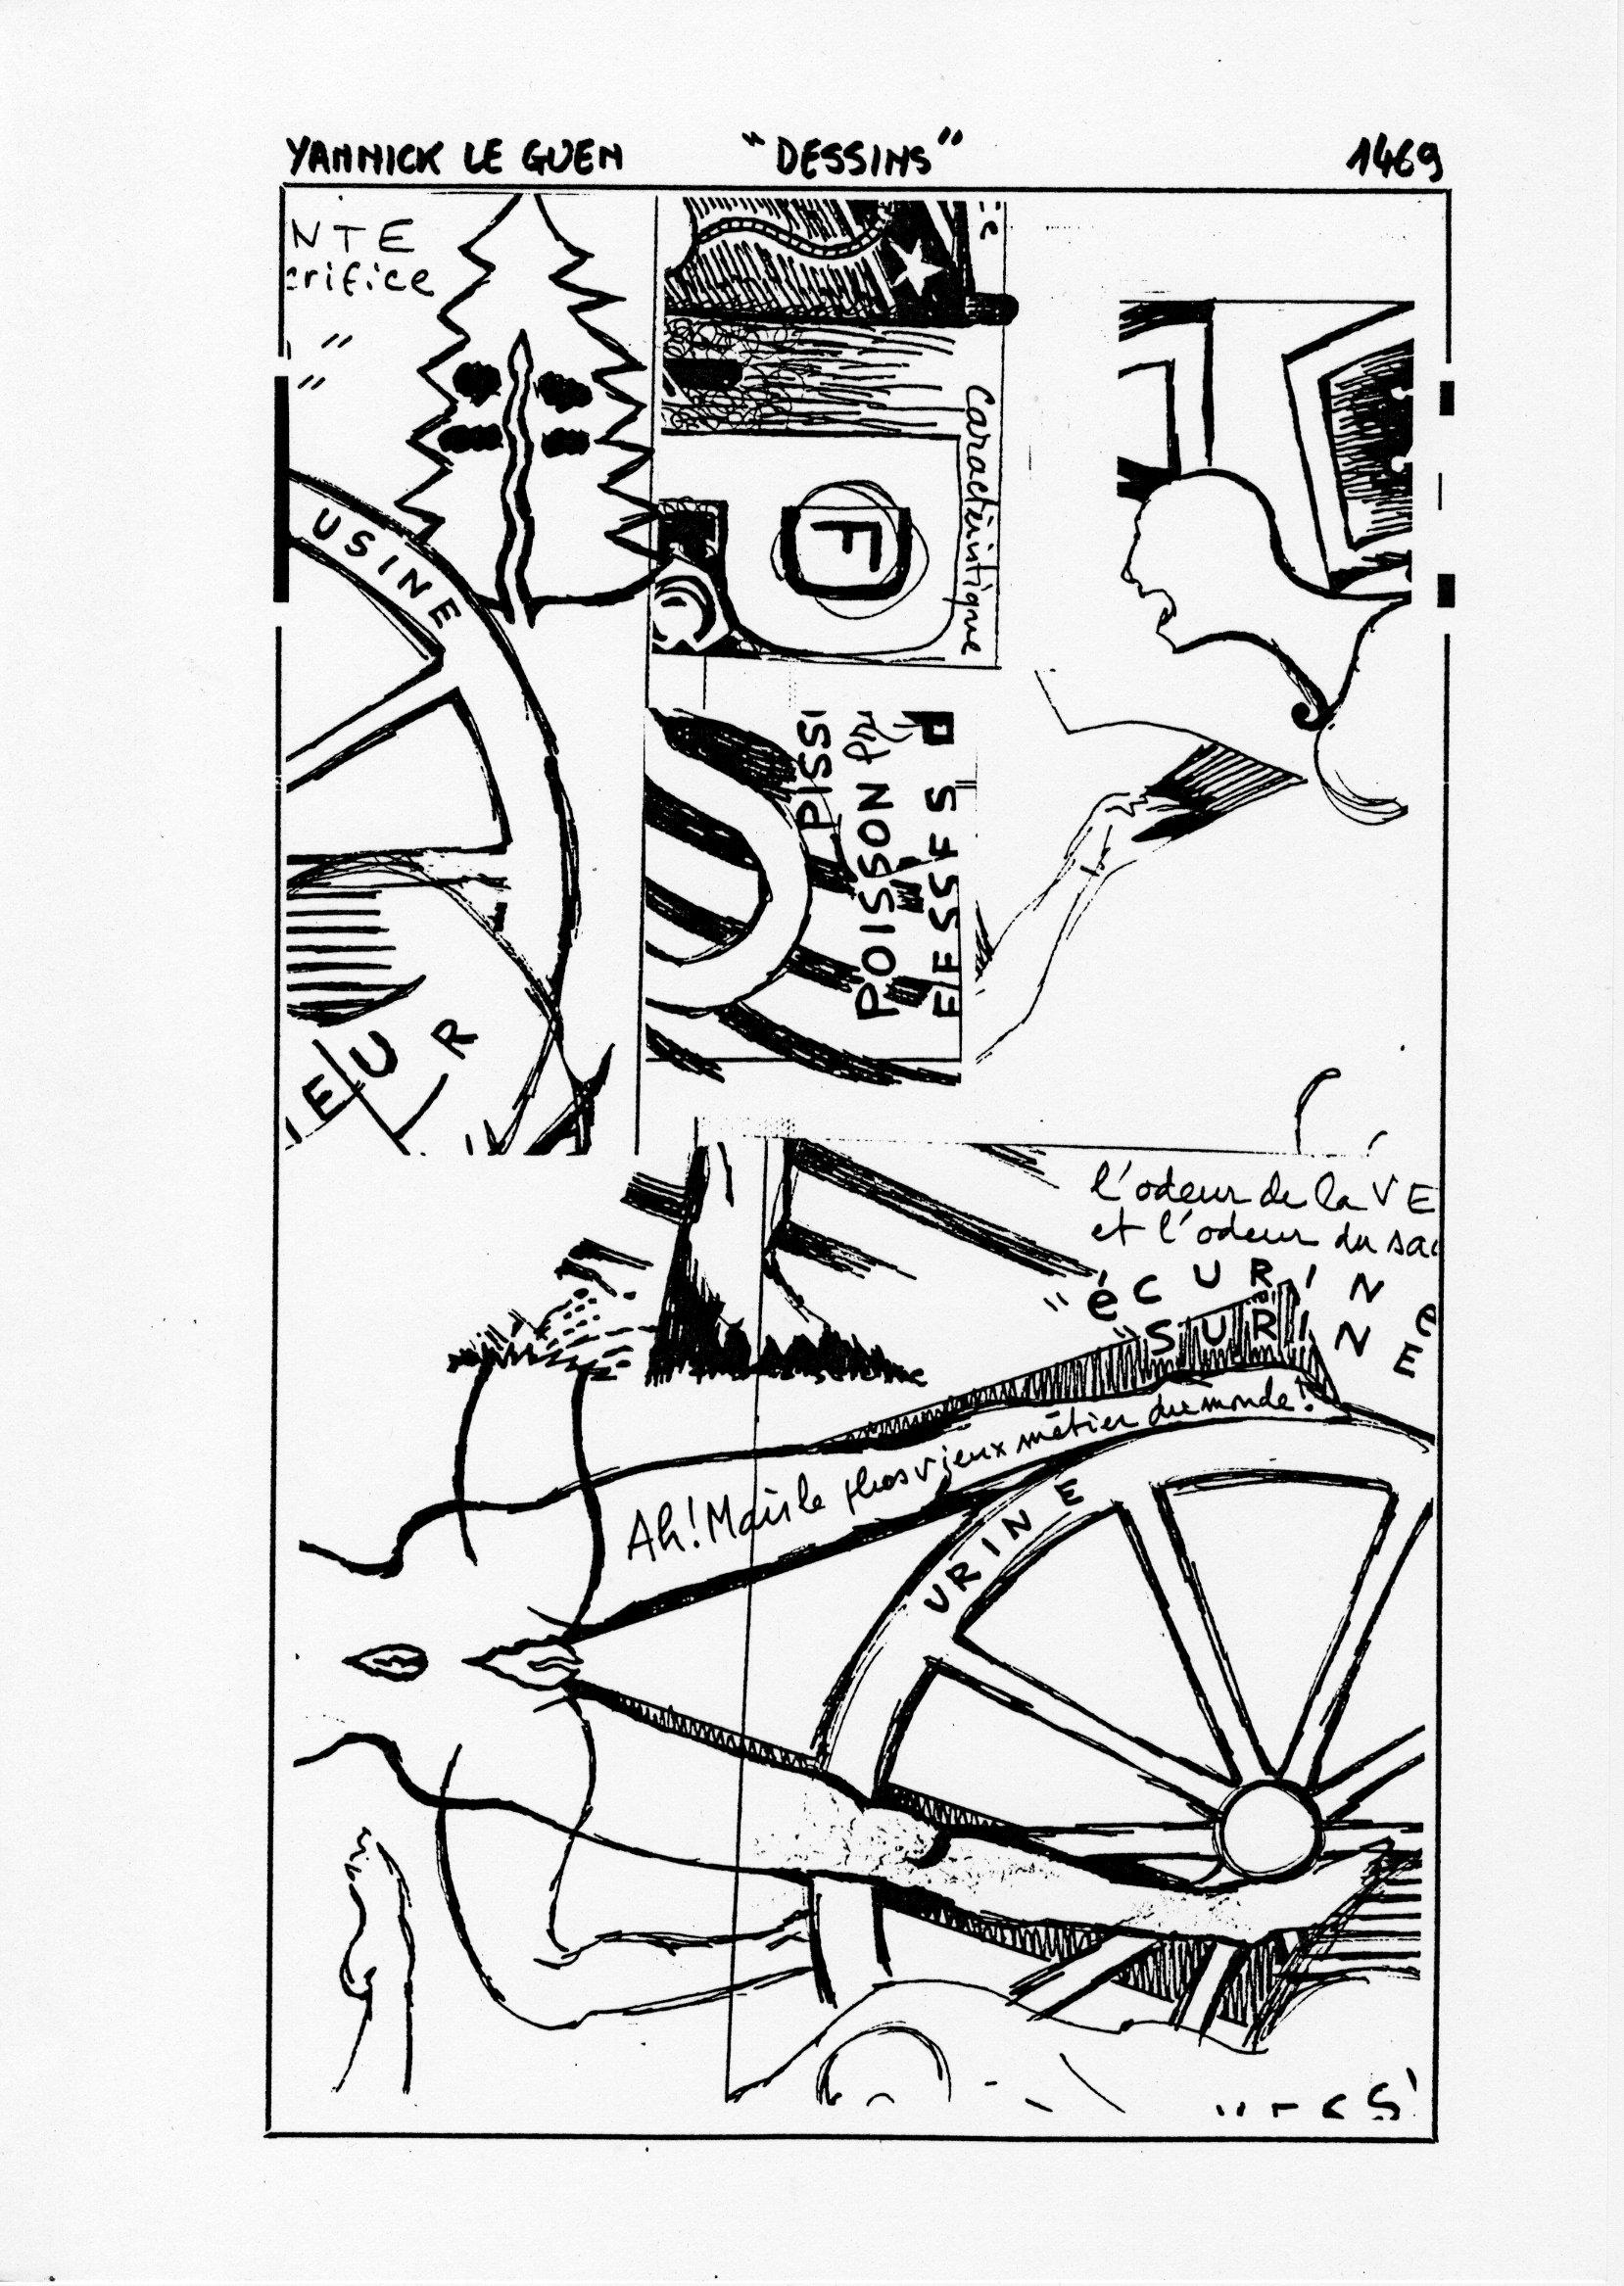 page 1469 Y. Leguen DESSINS